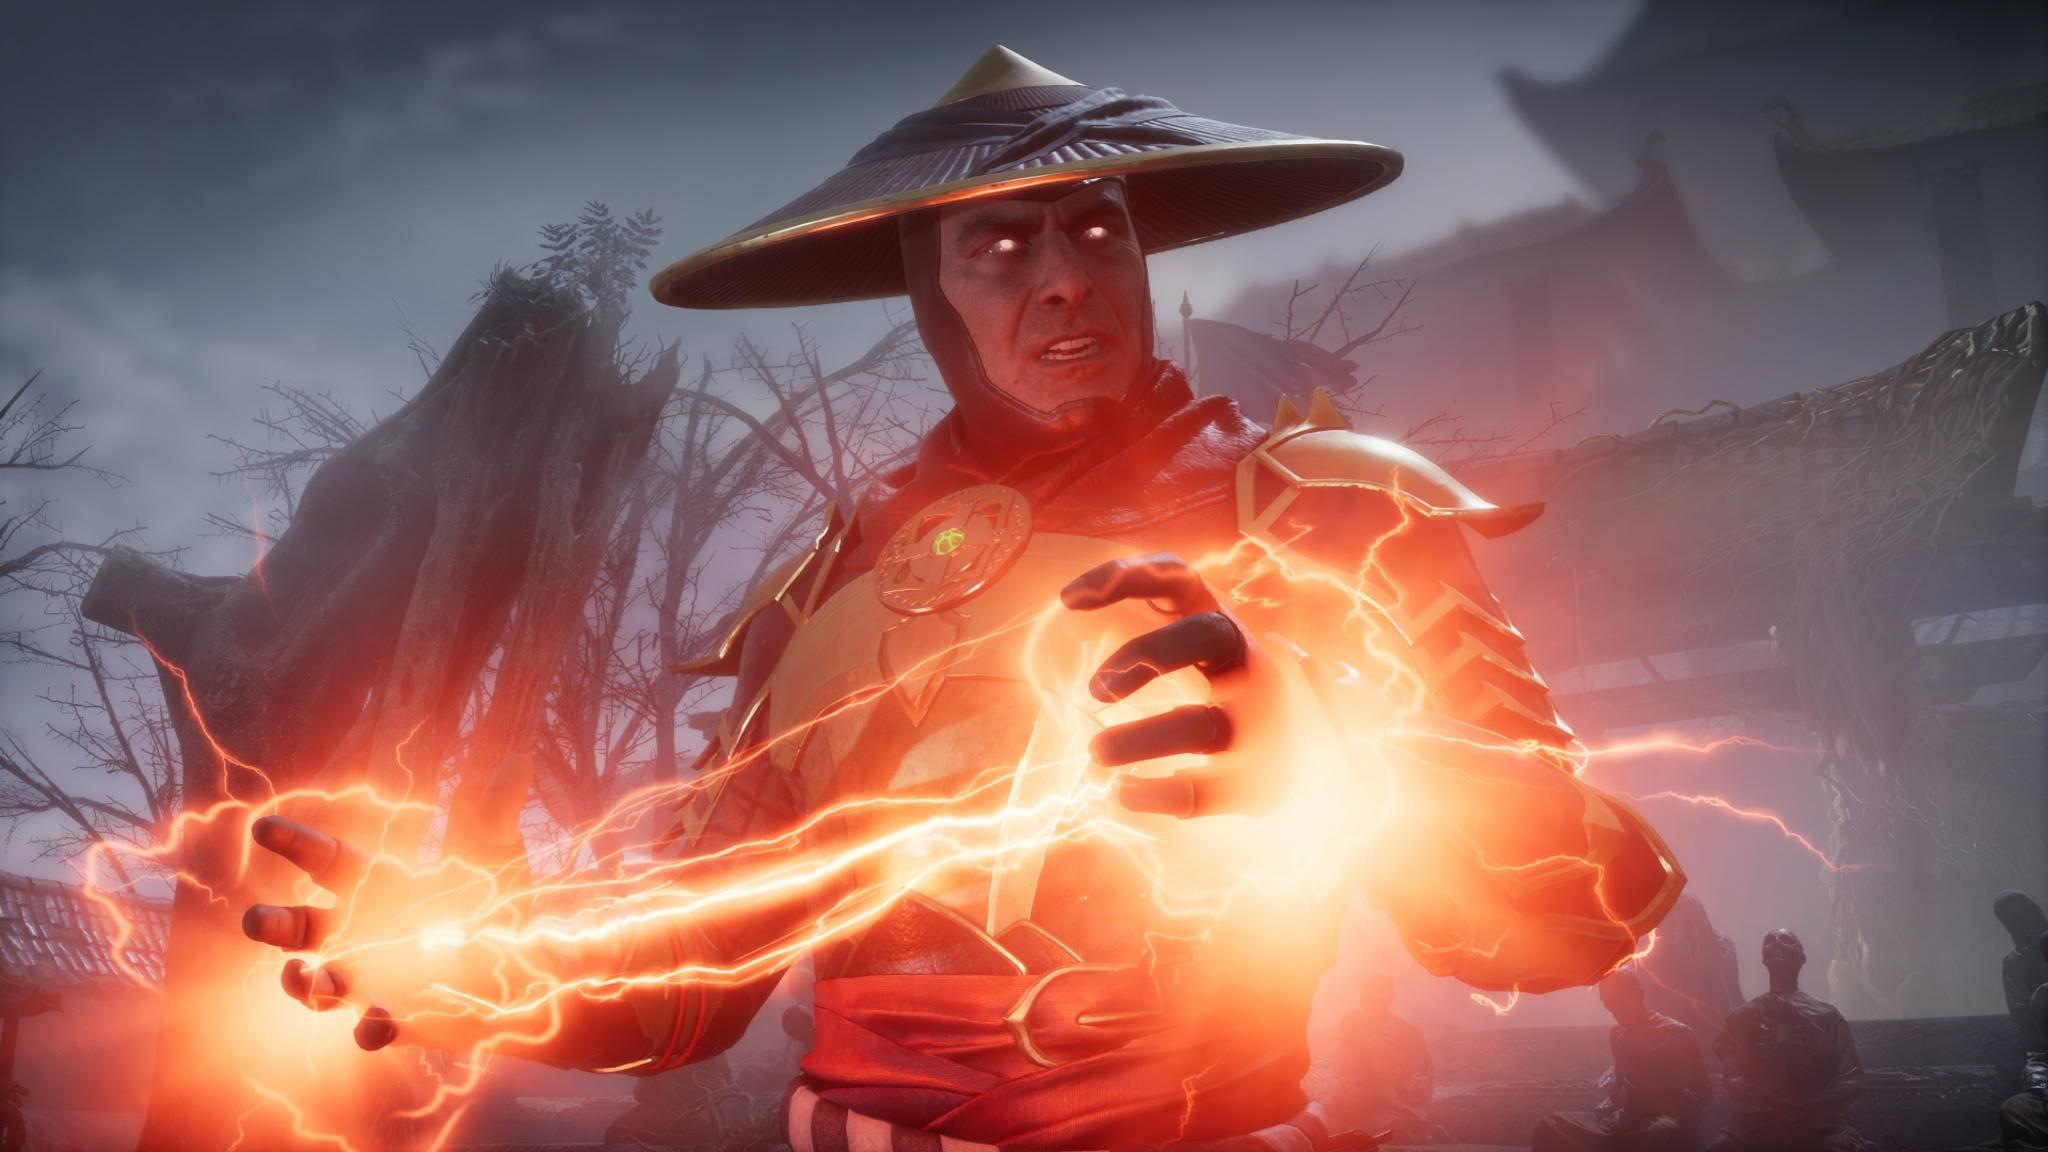 """Donnerwetter nochmal! Raiden ist im nächsten """"Mortal Kombat""""-Film ganz sicher wieder mit dabei."""